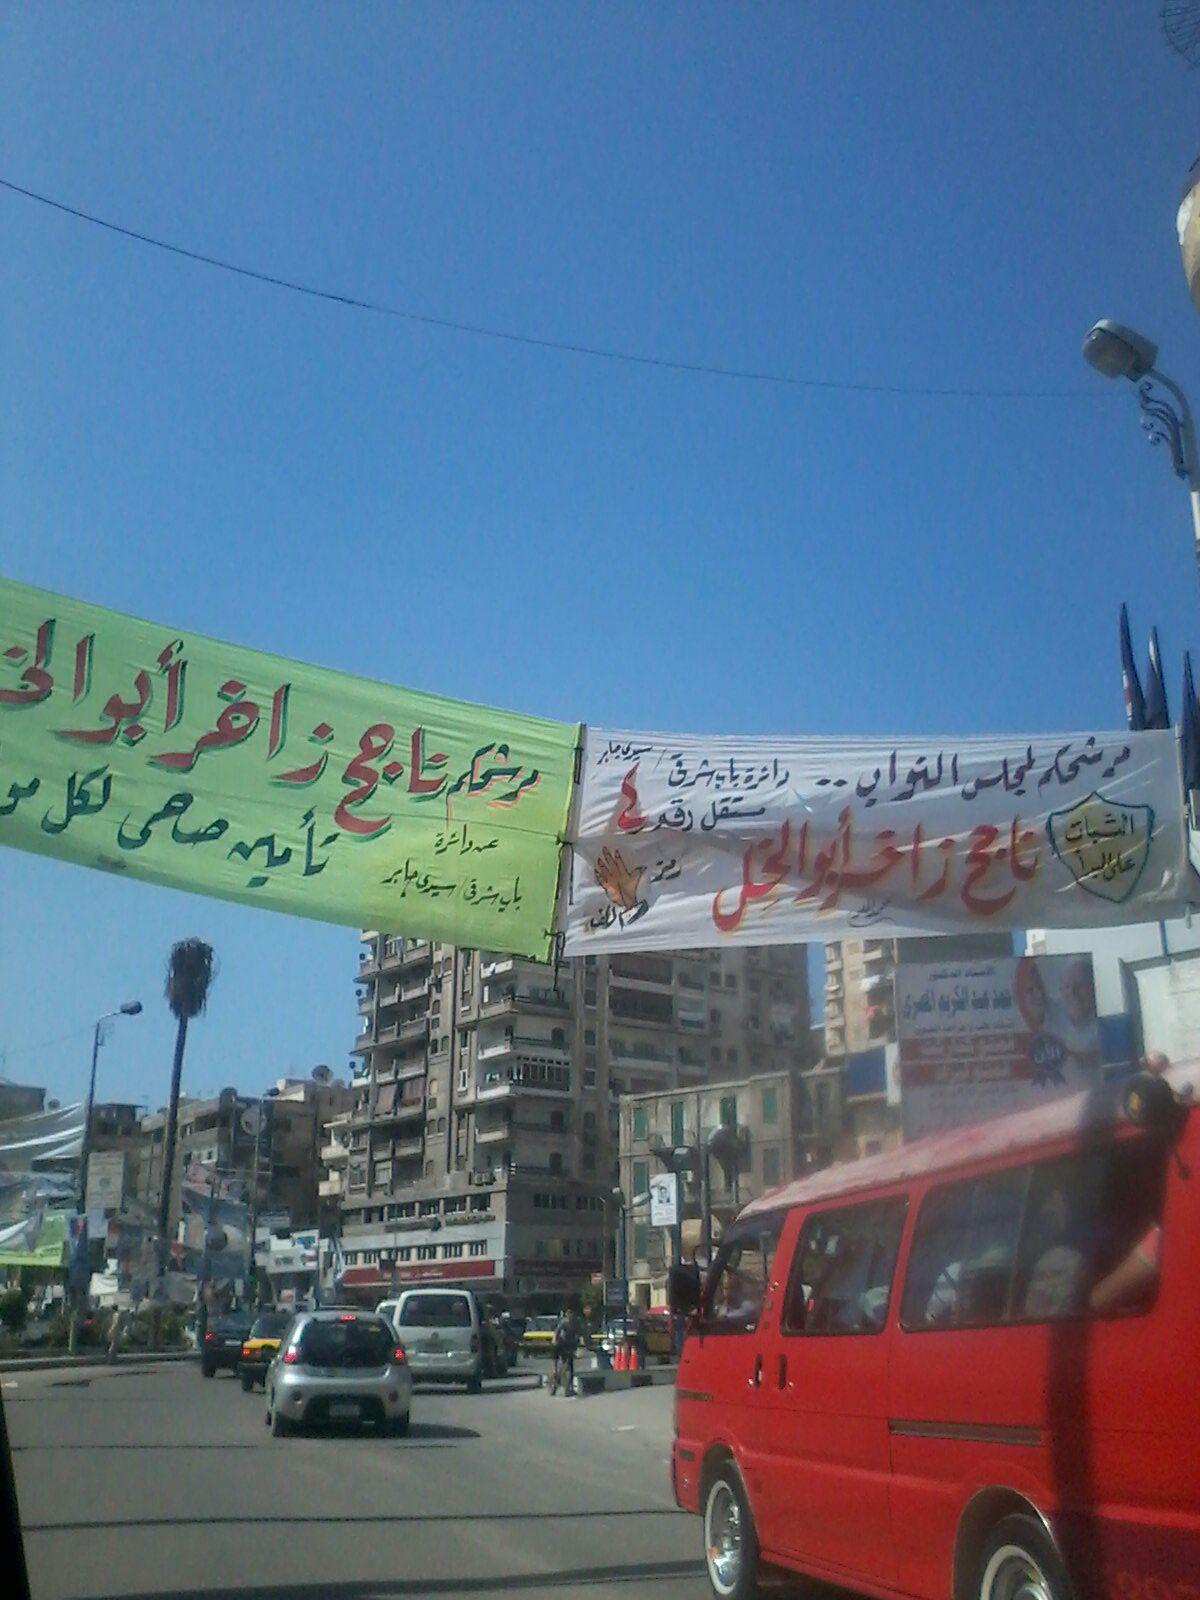 بالصور.. لافتات المرشحين تُغرق كوبري الإبراهيمية بالإسكندرية